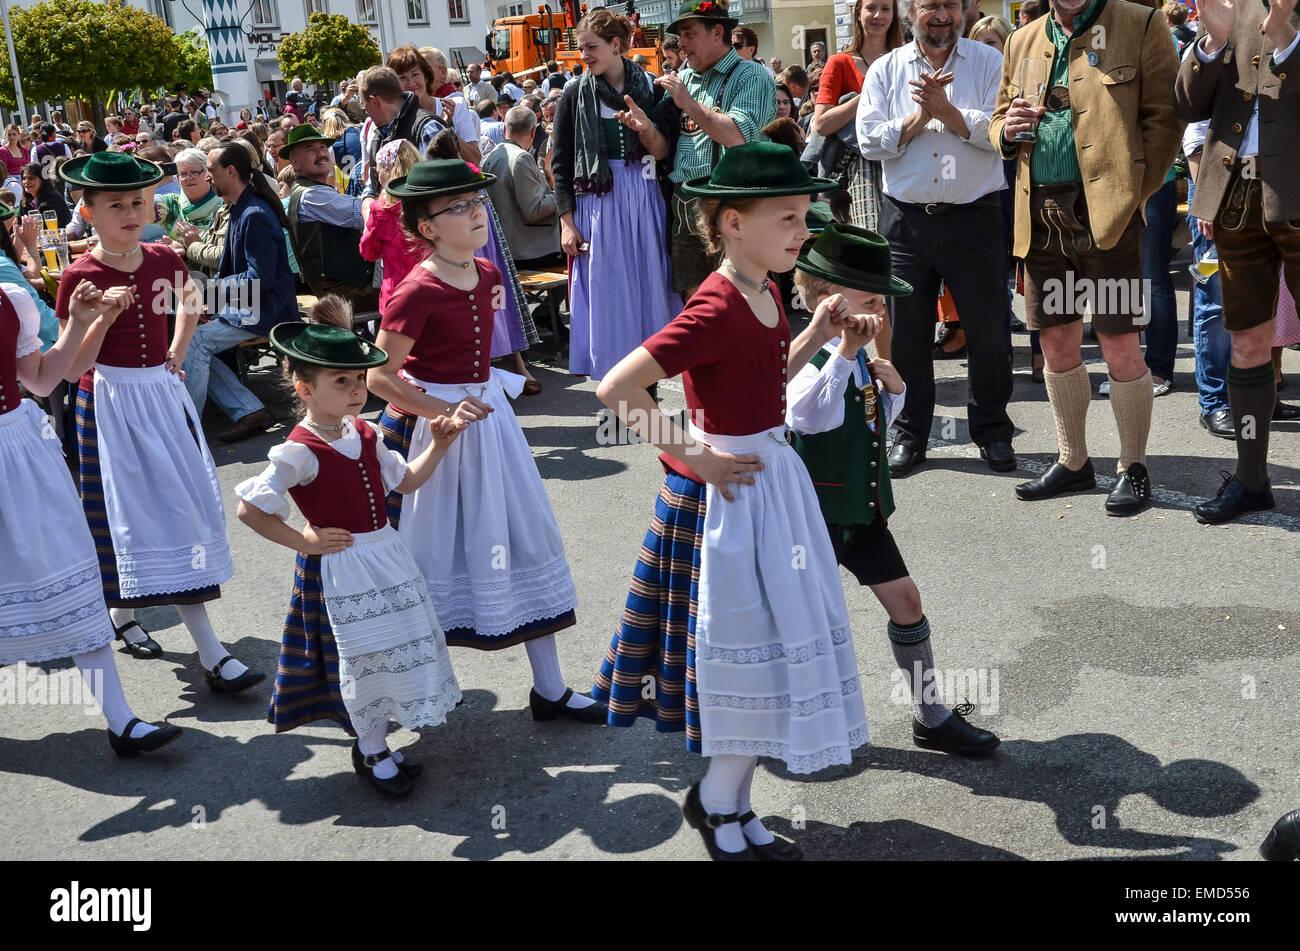 1 maggio maypole giorno tradizione folklore gruppo di bambini a Miesbach Piazza del Mercato. Immagini Stock